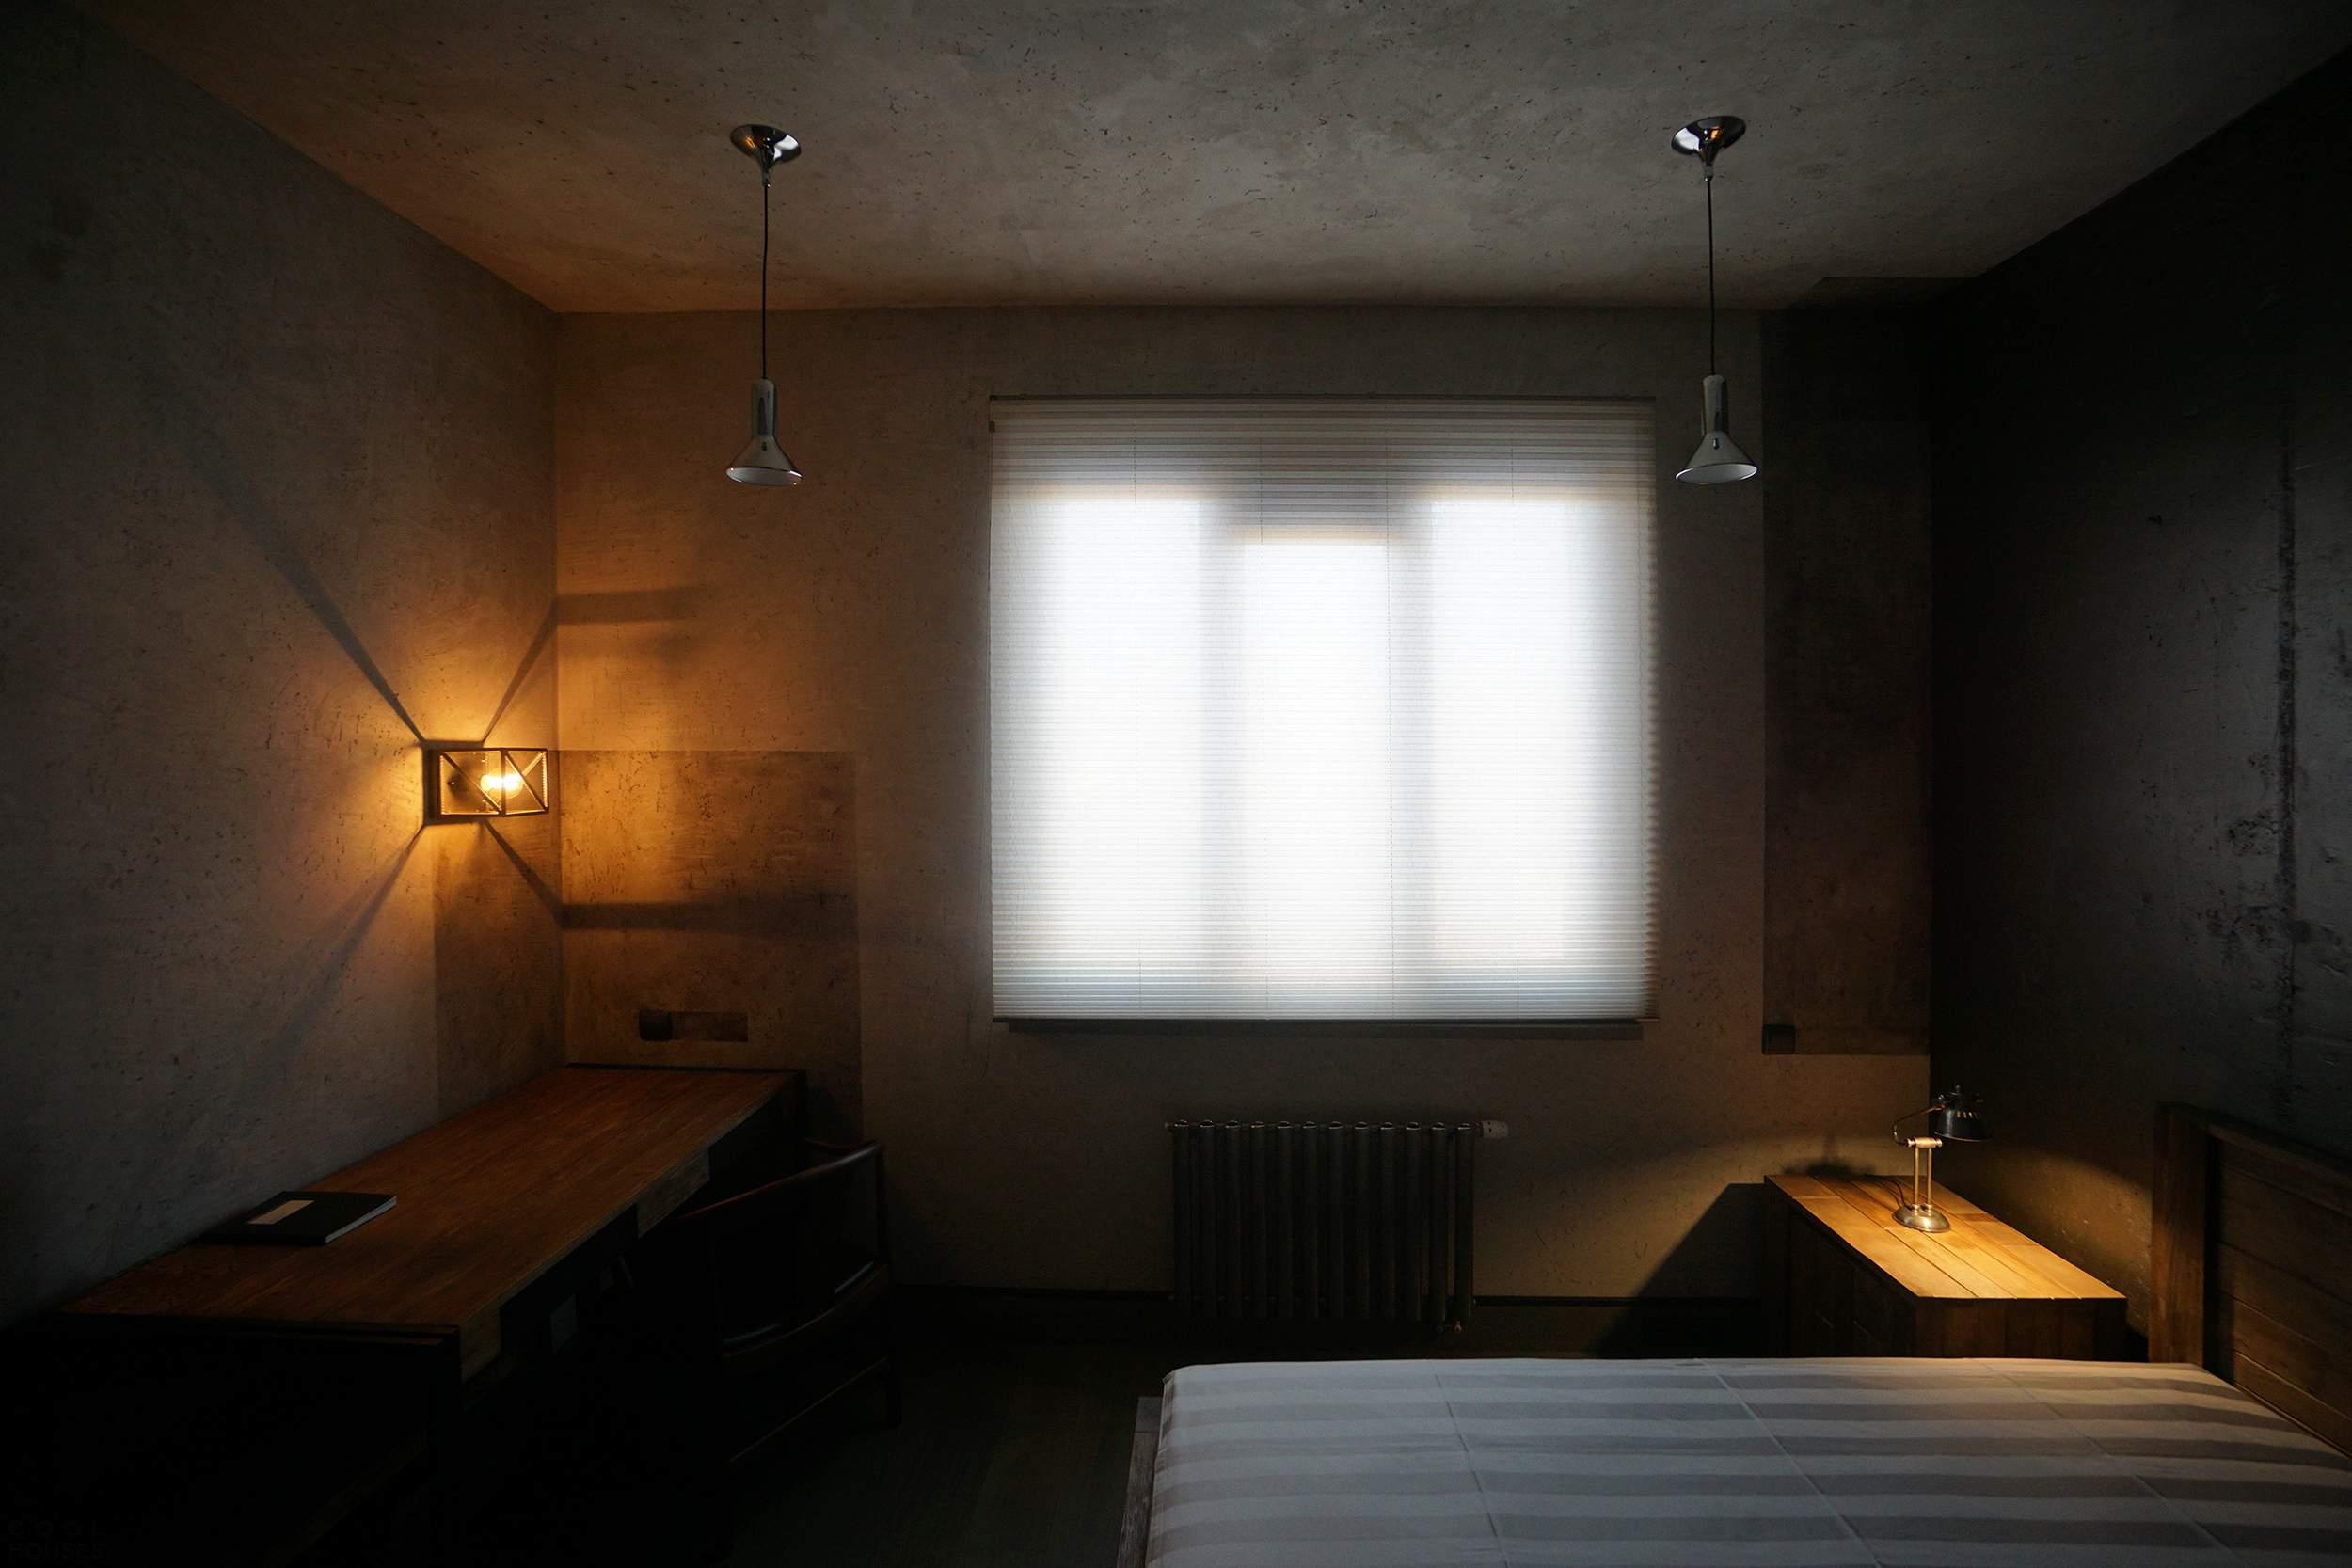 Квартира с суровым интерьером в Москве, Россия